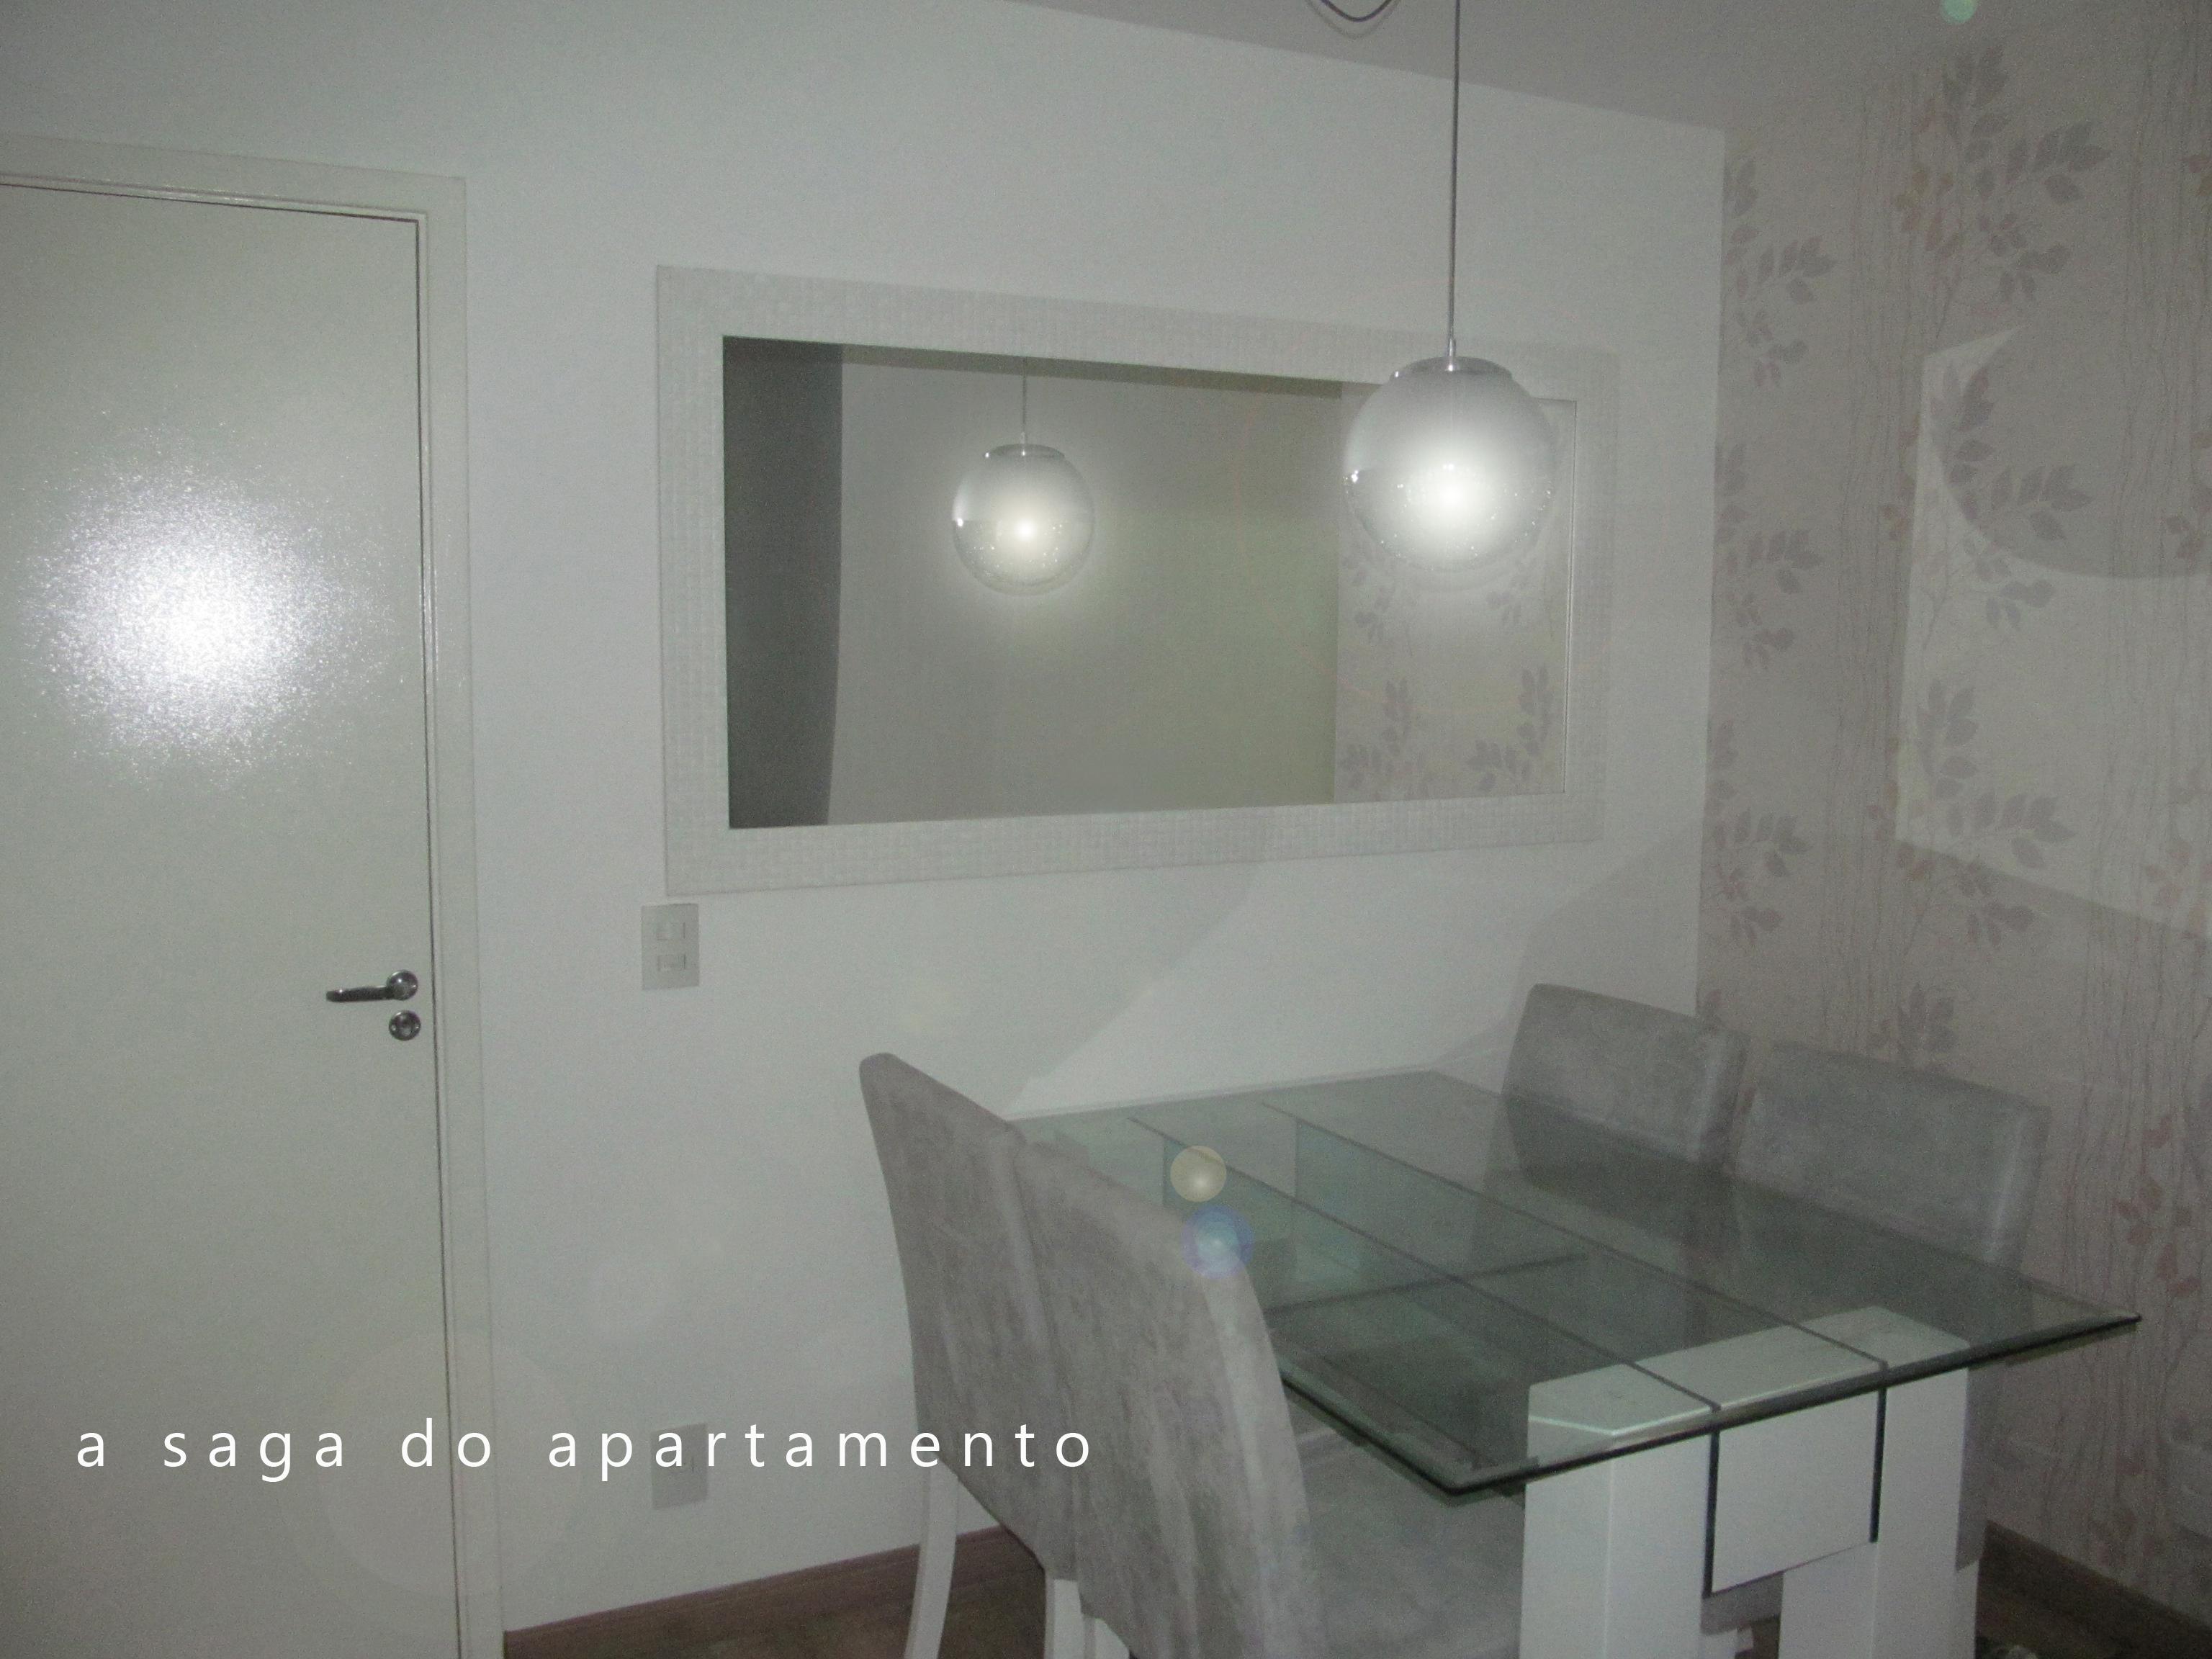 #57524E sala de jantar com espelho grande 3072x2304 píxeis em Decoração Para Sala De Jantar Com Espelho